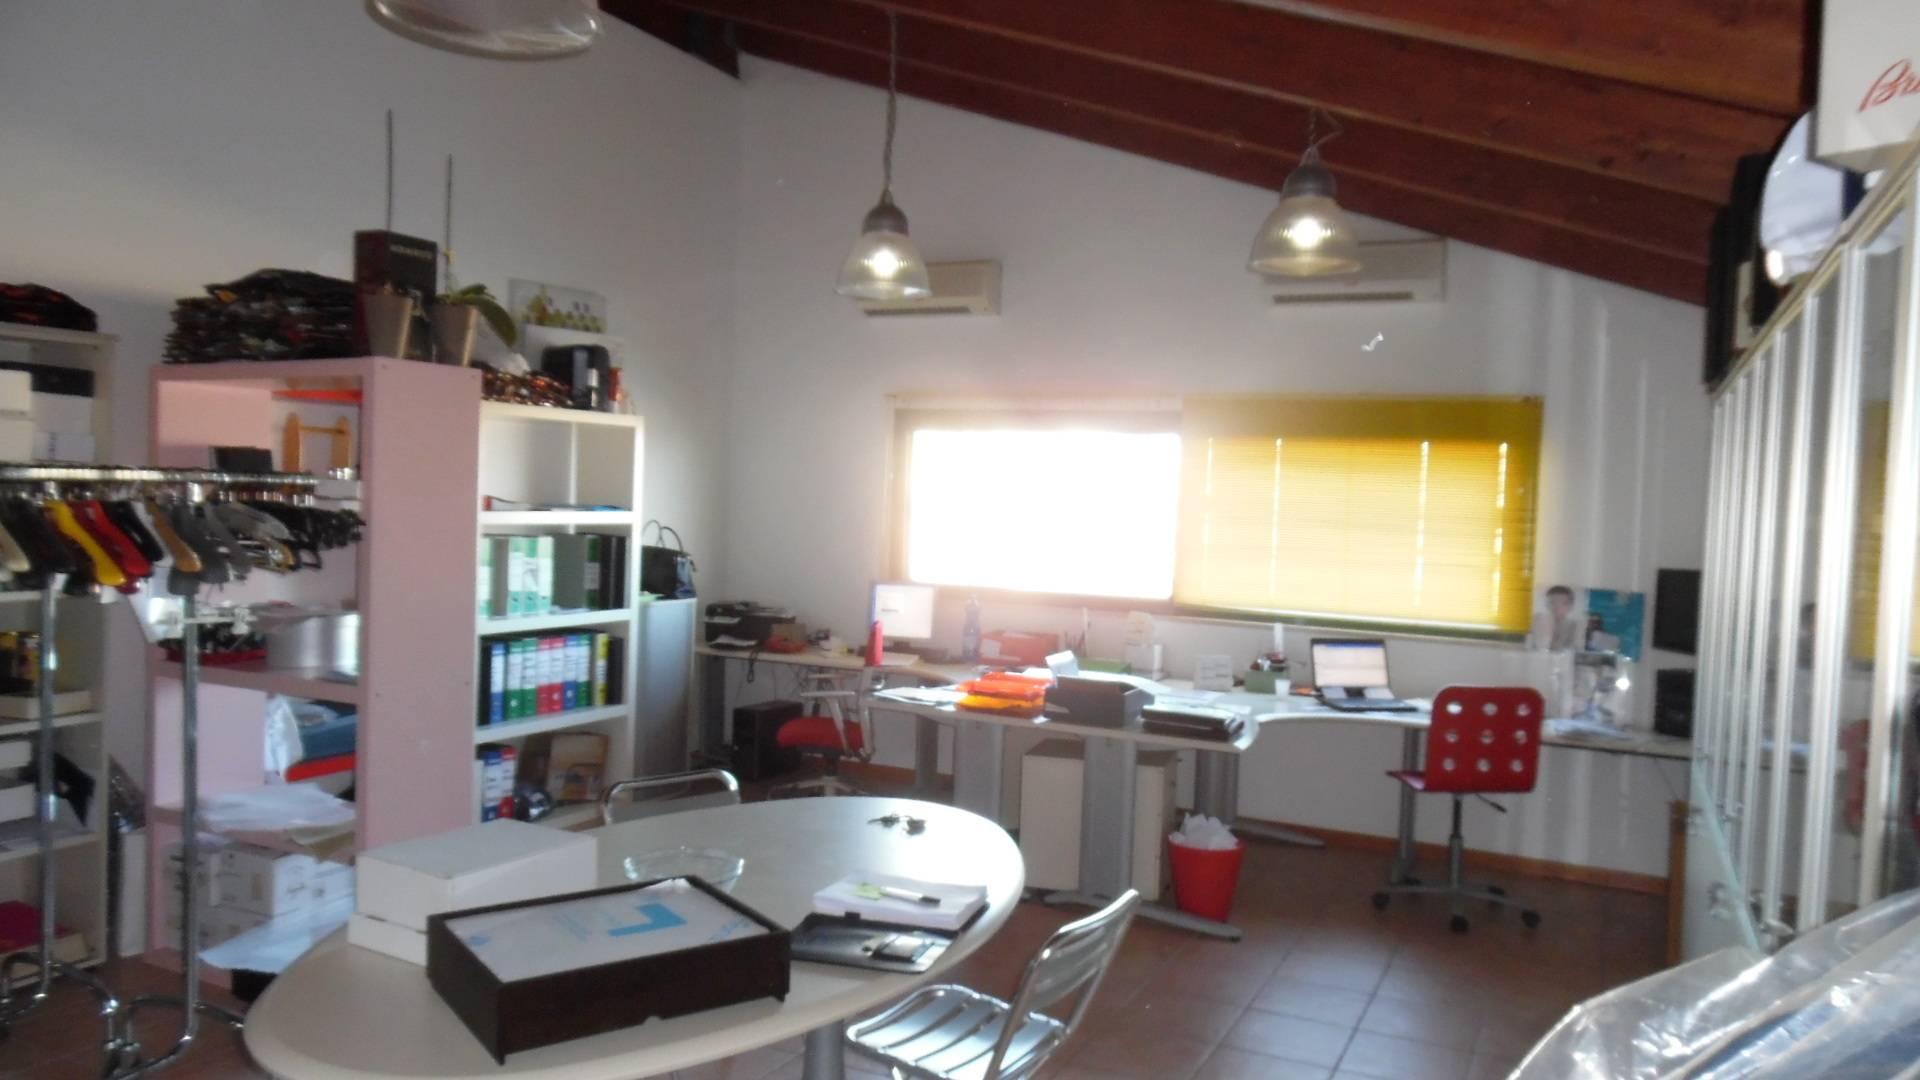 Laboratorio in vendita a San Benedetto del Tronto, 9999 locali, zona Località: PortodAscoli, prezzo € 90.000 | Cambio Casa.it